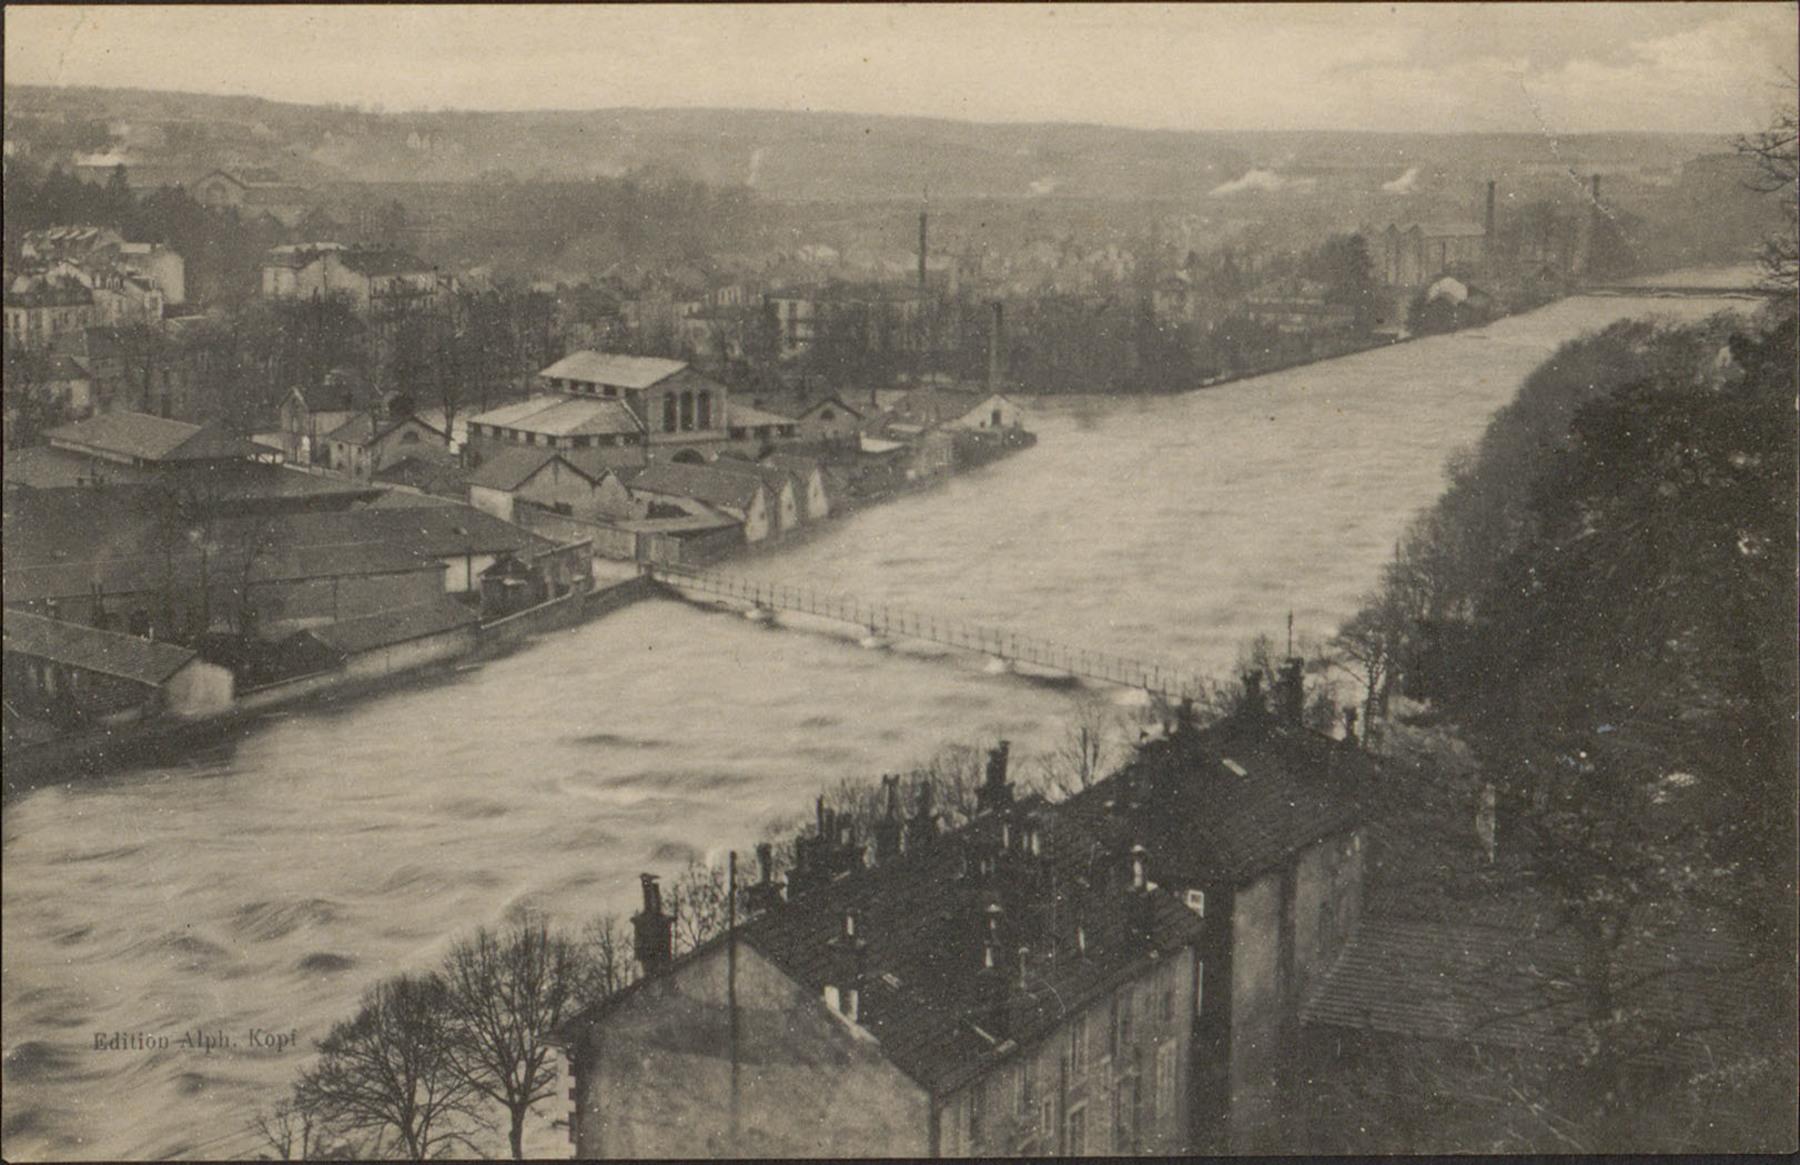 Contenu du [Épinal, Crue de la Moselle, 24 décembre 1919]